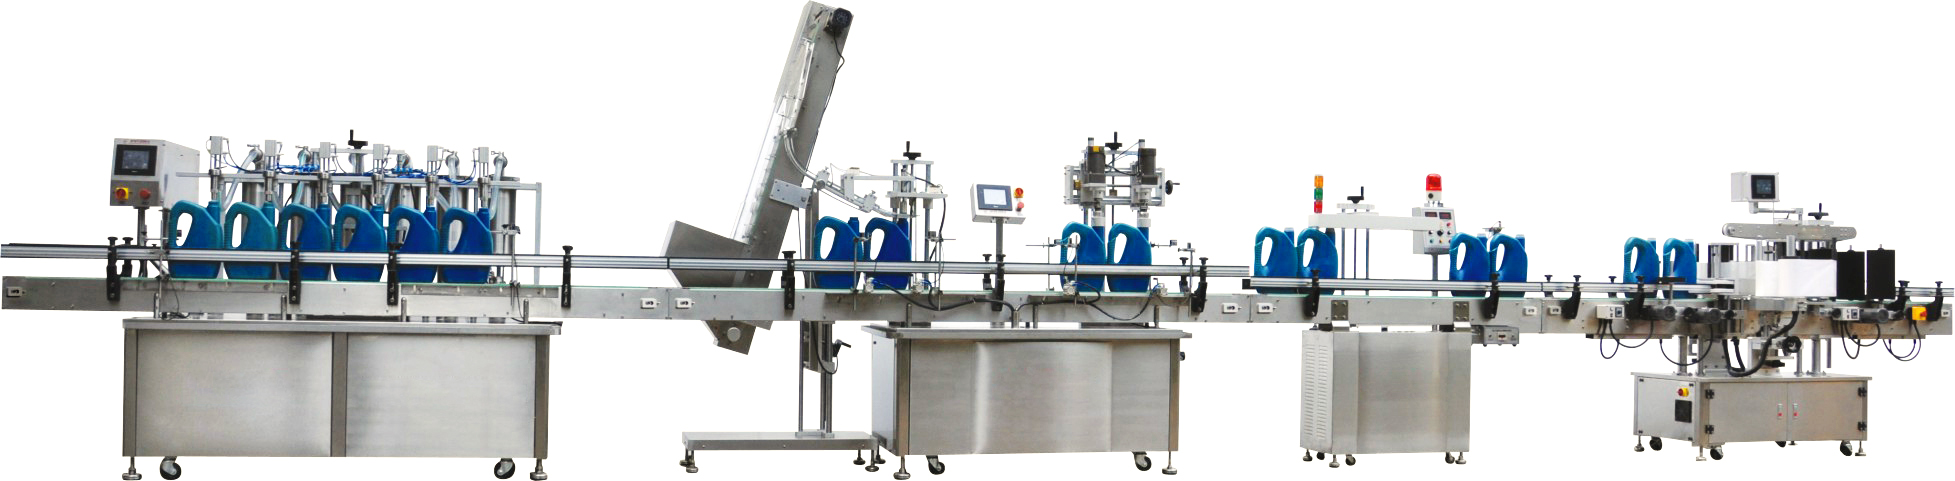 半自动润滑油灌装机-润滑油脂灌装机